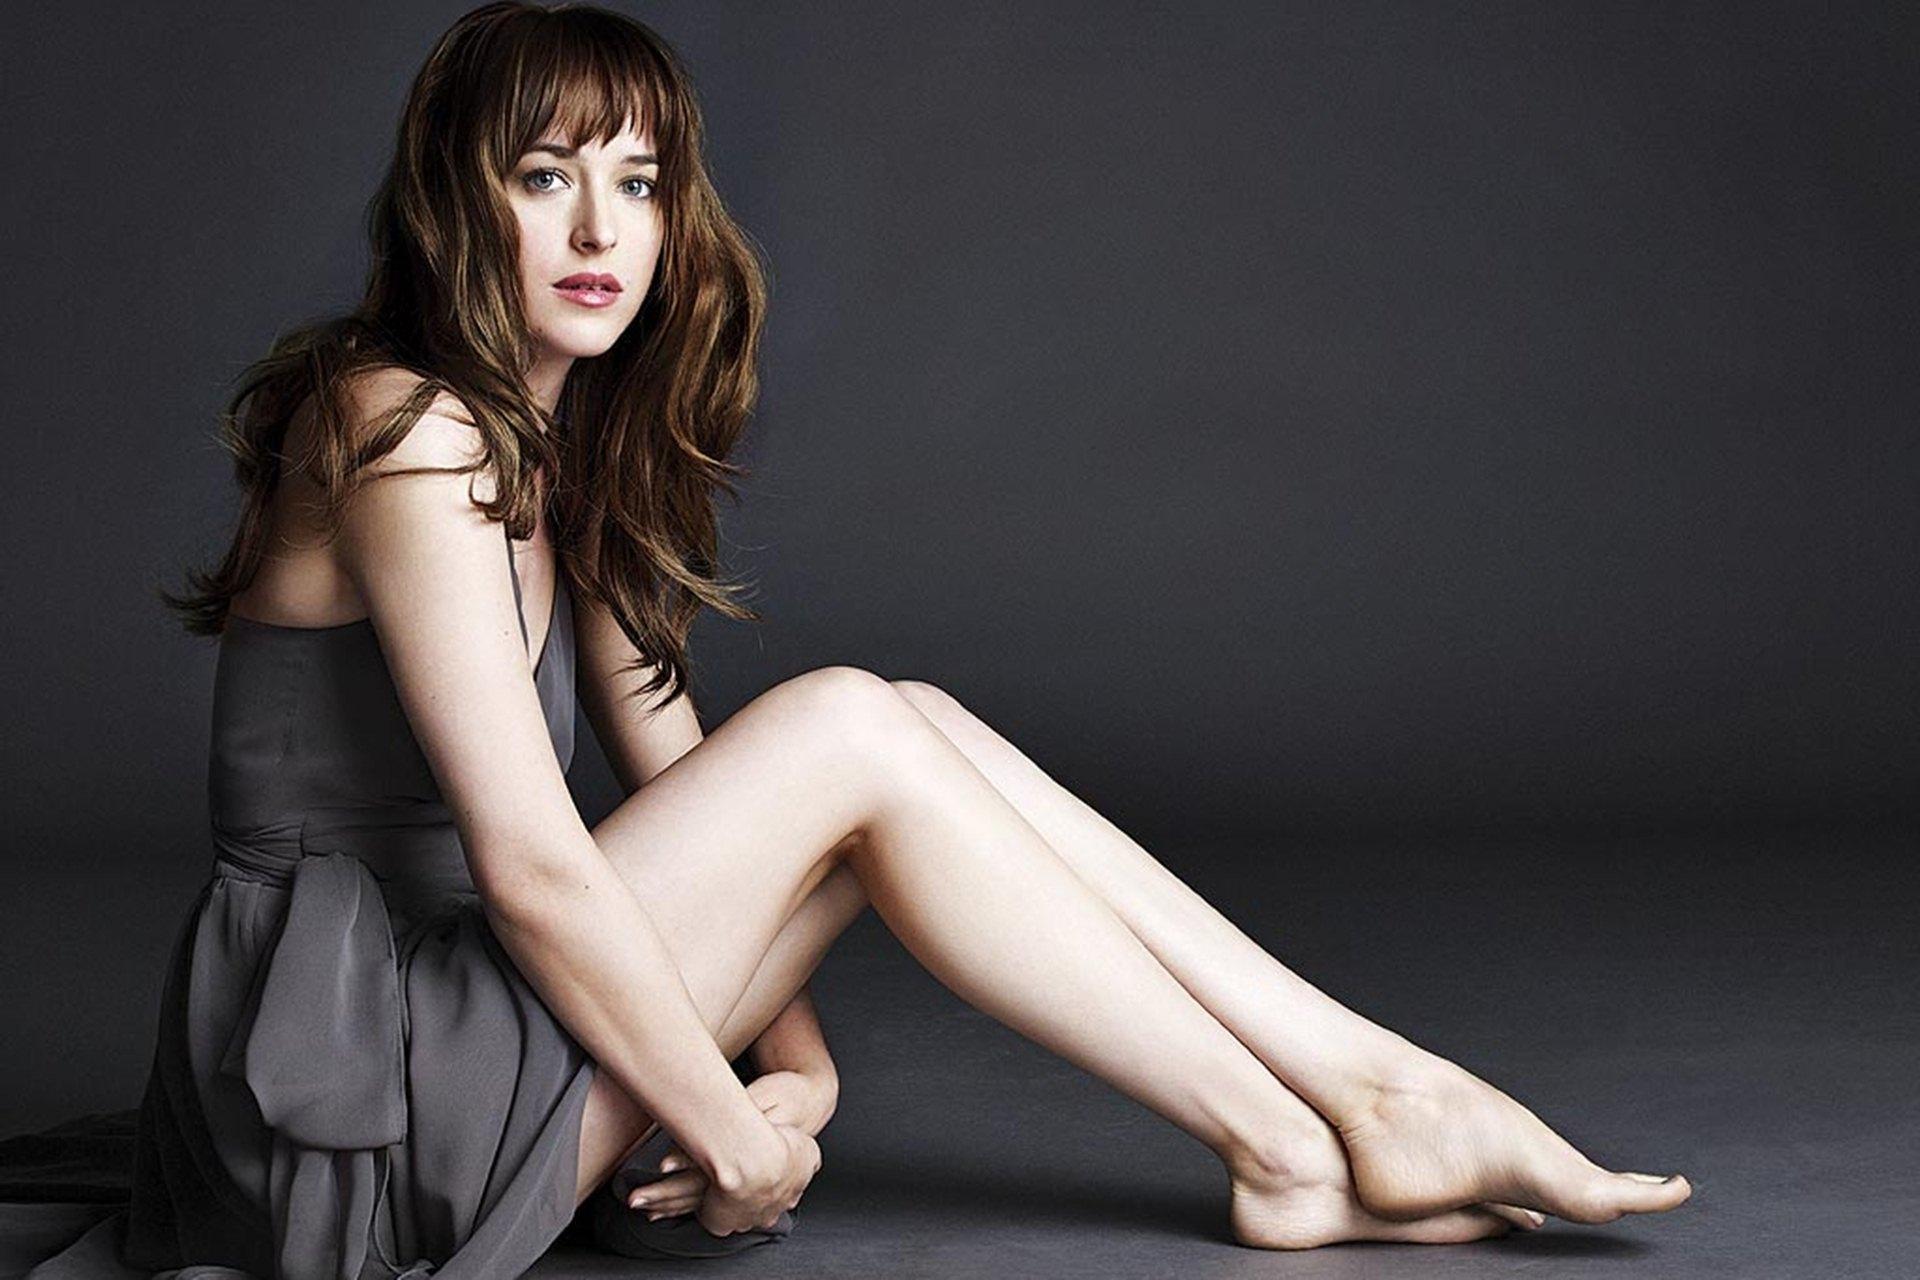 Bí quyết dáng đẹp của diễn viên phim 50 sắc thái - Dakota Johnson